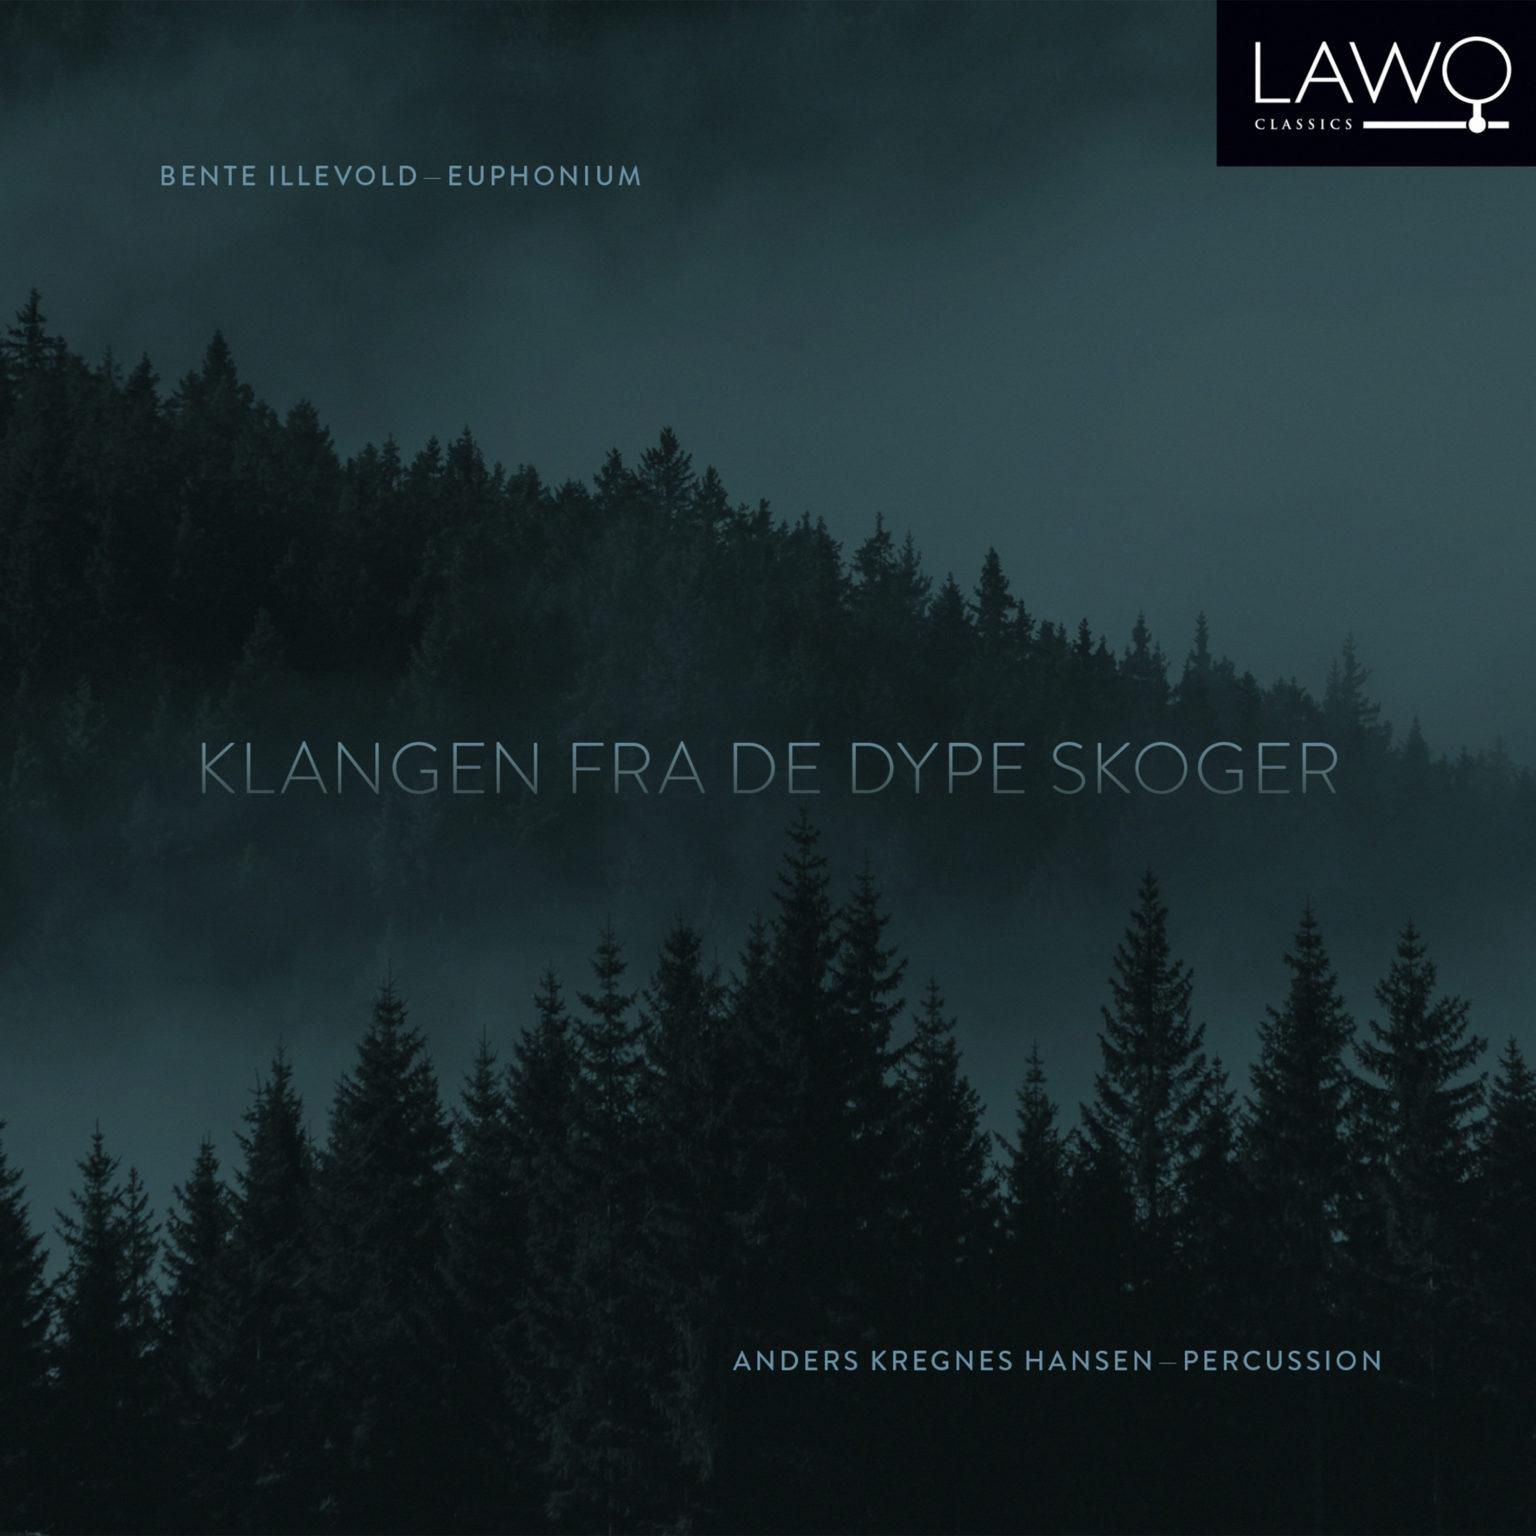 Click image for larger version.  Name:LWC1195_Bente_Illevold_Klangen_fra_de_dype_skoger_cover_3000x3000px-1536x1536.jpg Views:164 Size:174.8 KB ID:7720